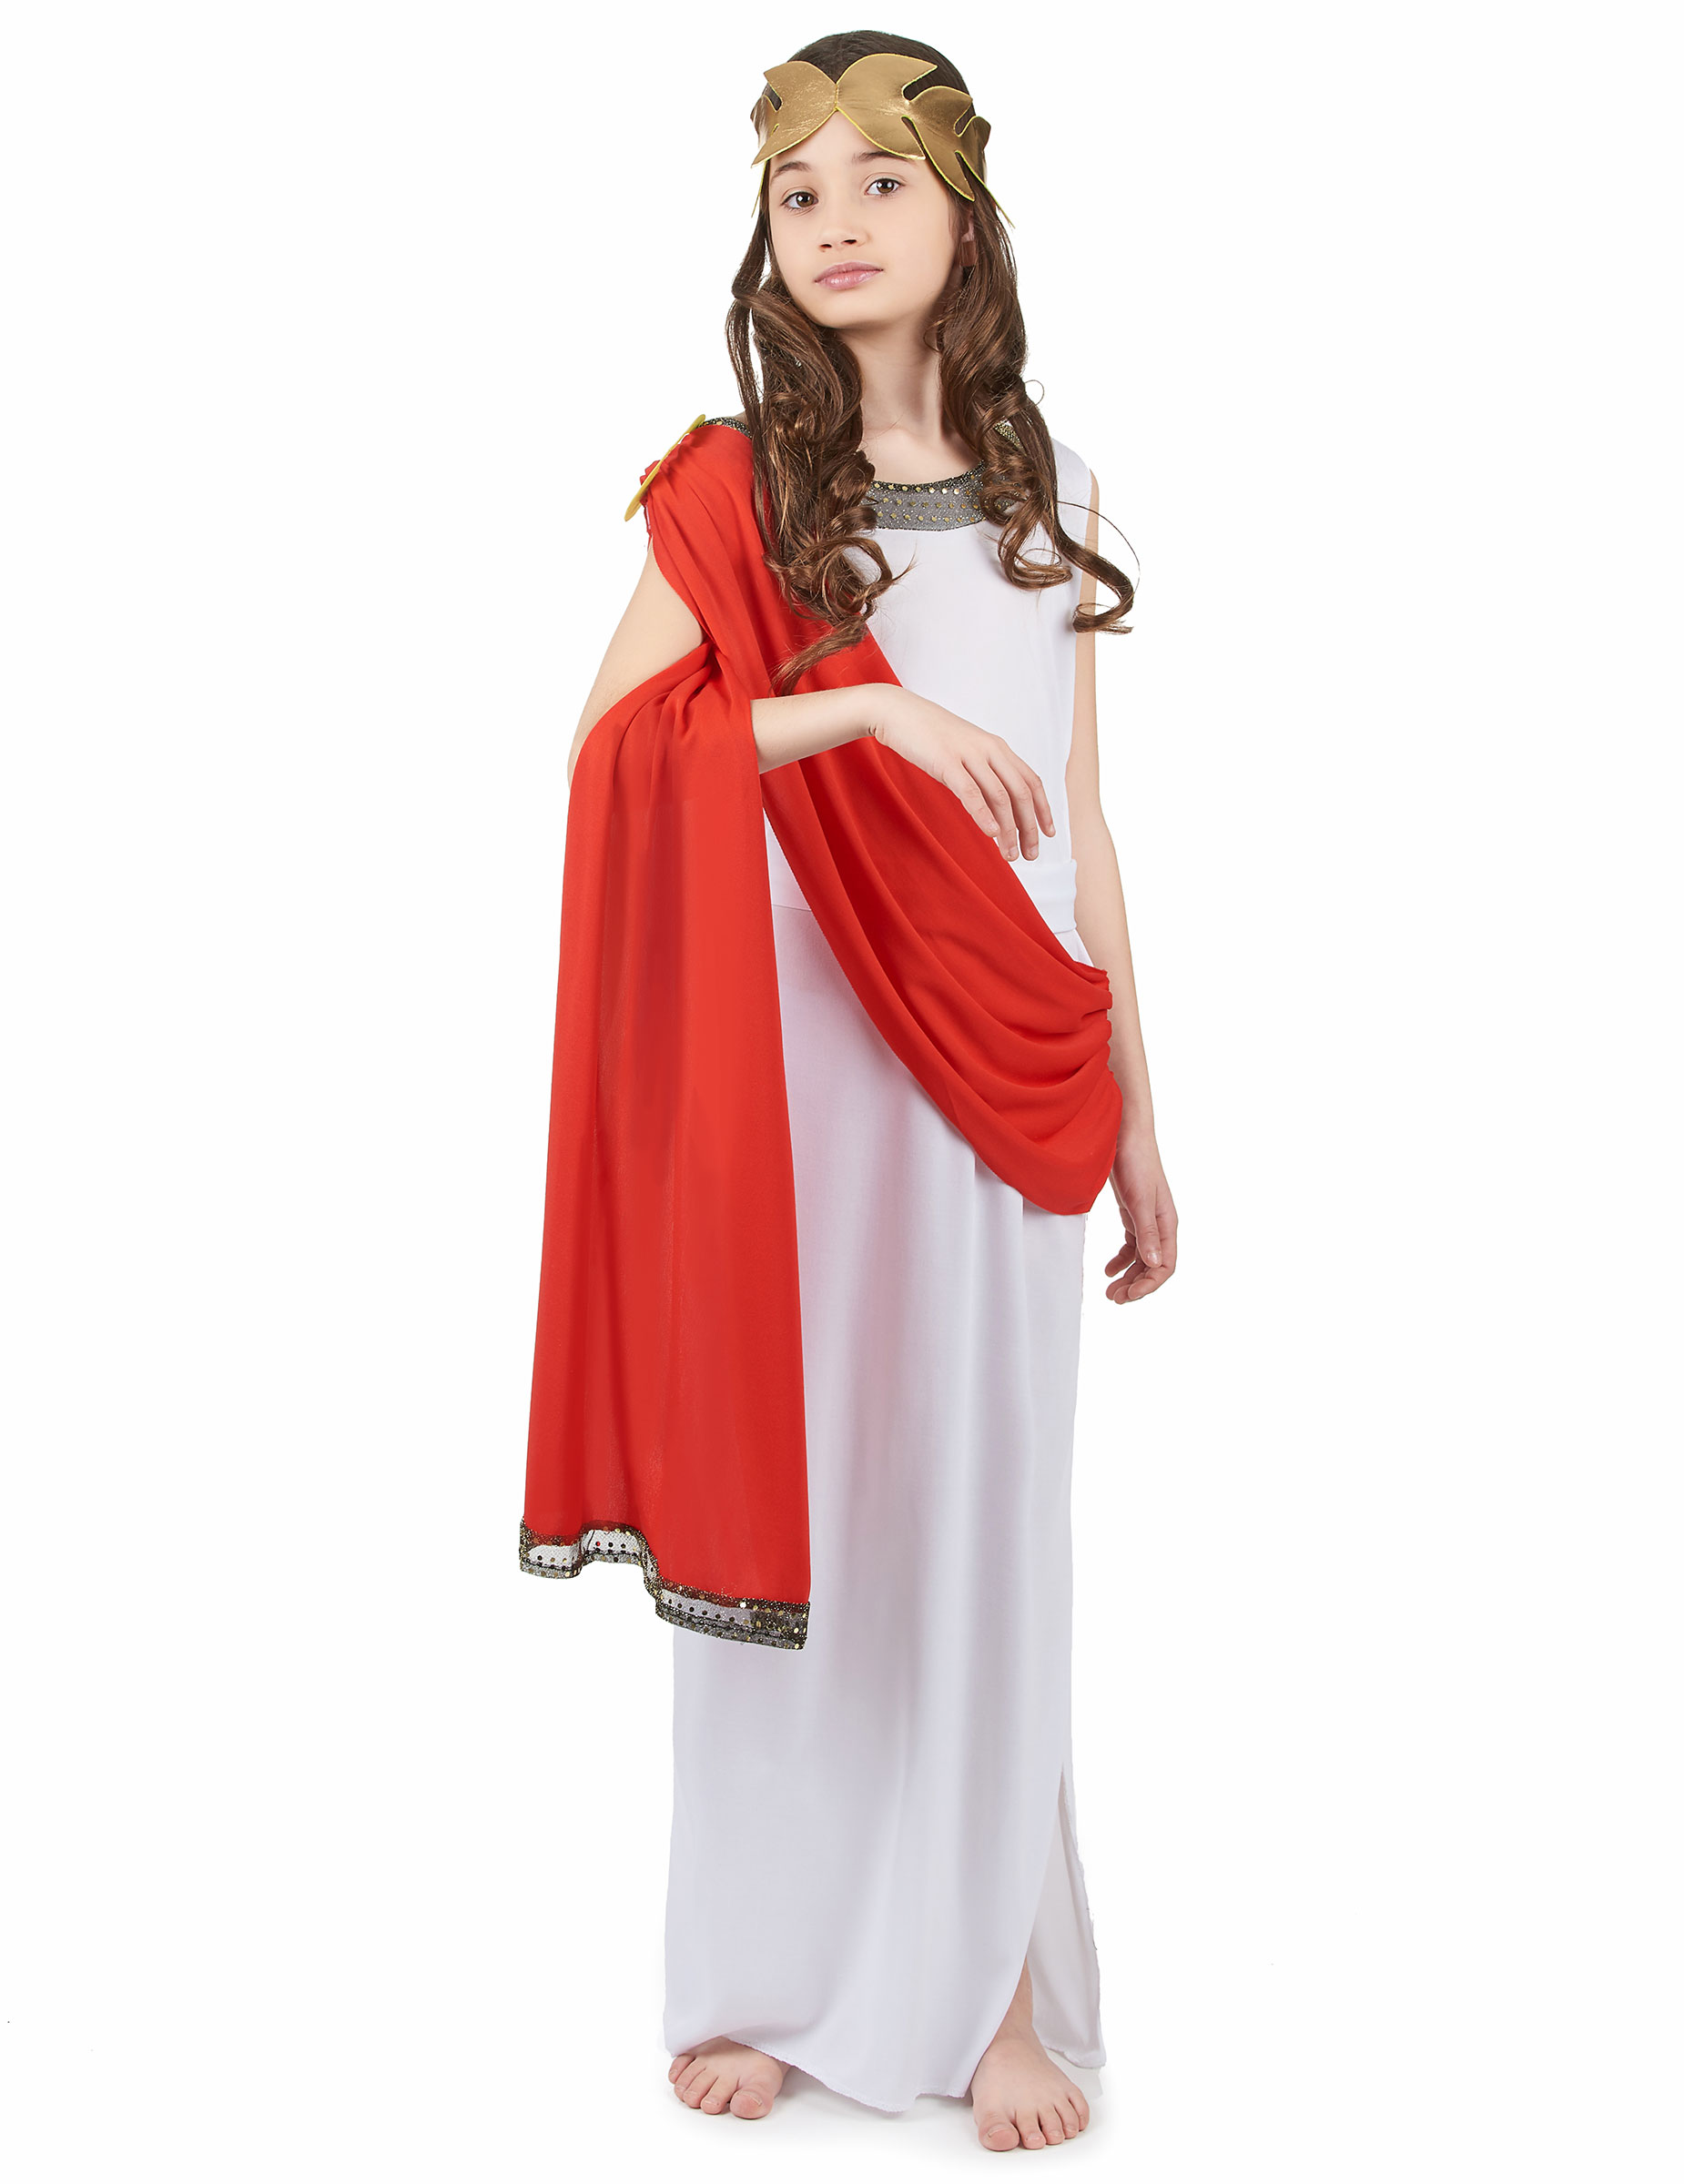 Costumi da antichi romani e antichi greci per toga party - vegaoo.it 18abddb4e13